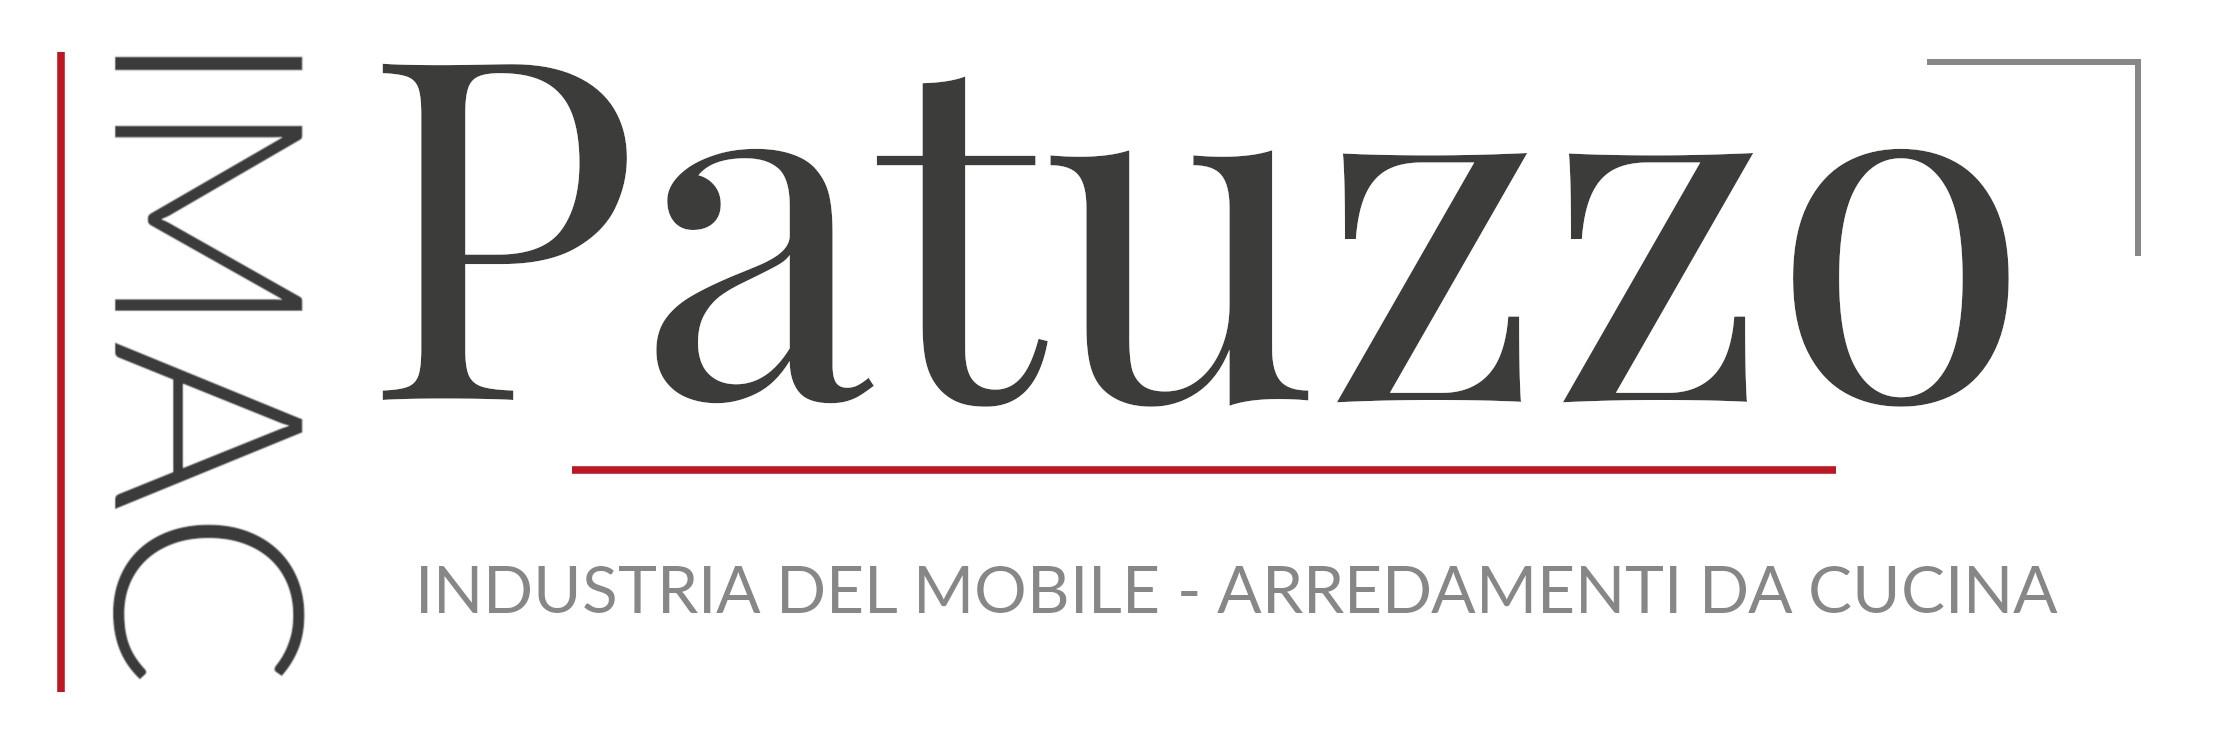 IMAC s.a.s di Enzo Patuzzo & C (@imac_patuzzo) Cover Image